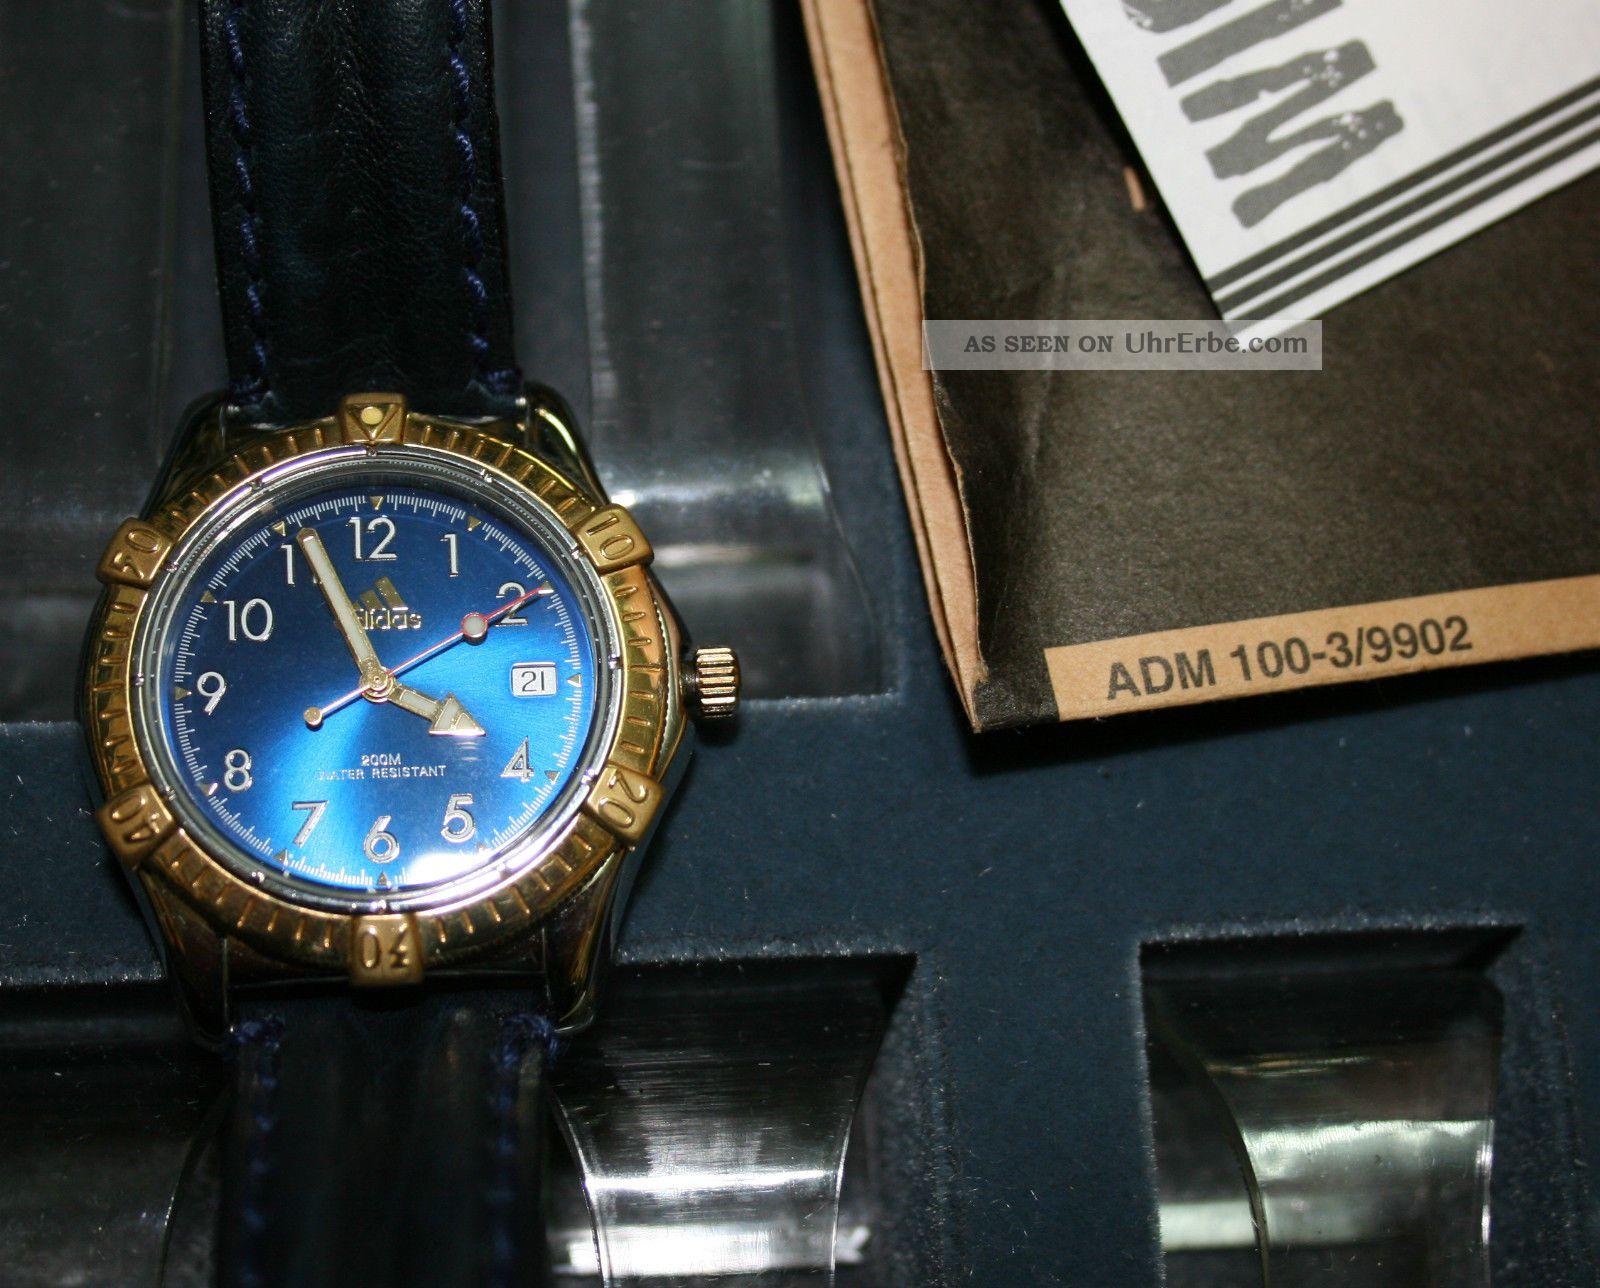 Adidas - 1125727 Sport Watch Rarität Modell 25 Jahre Alt Armbanduhren Bild